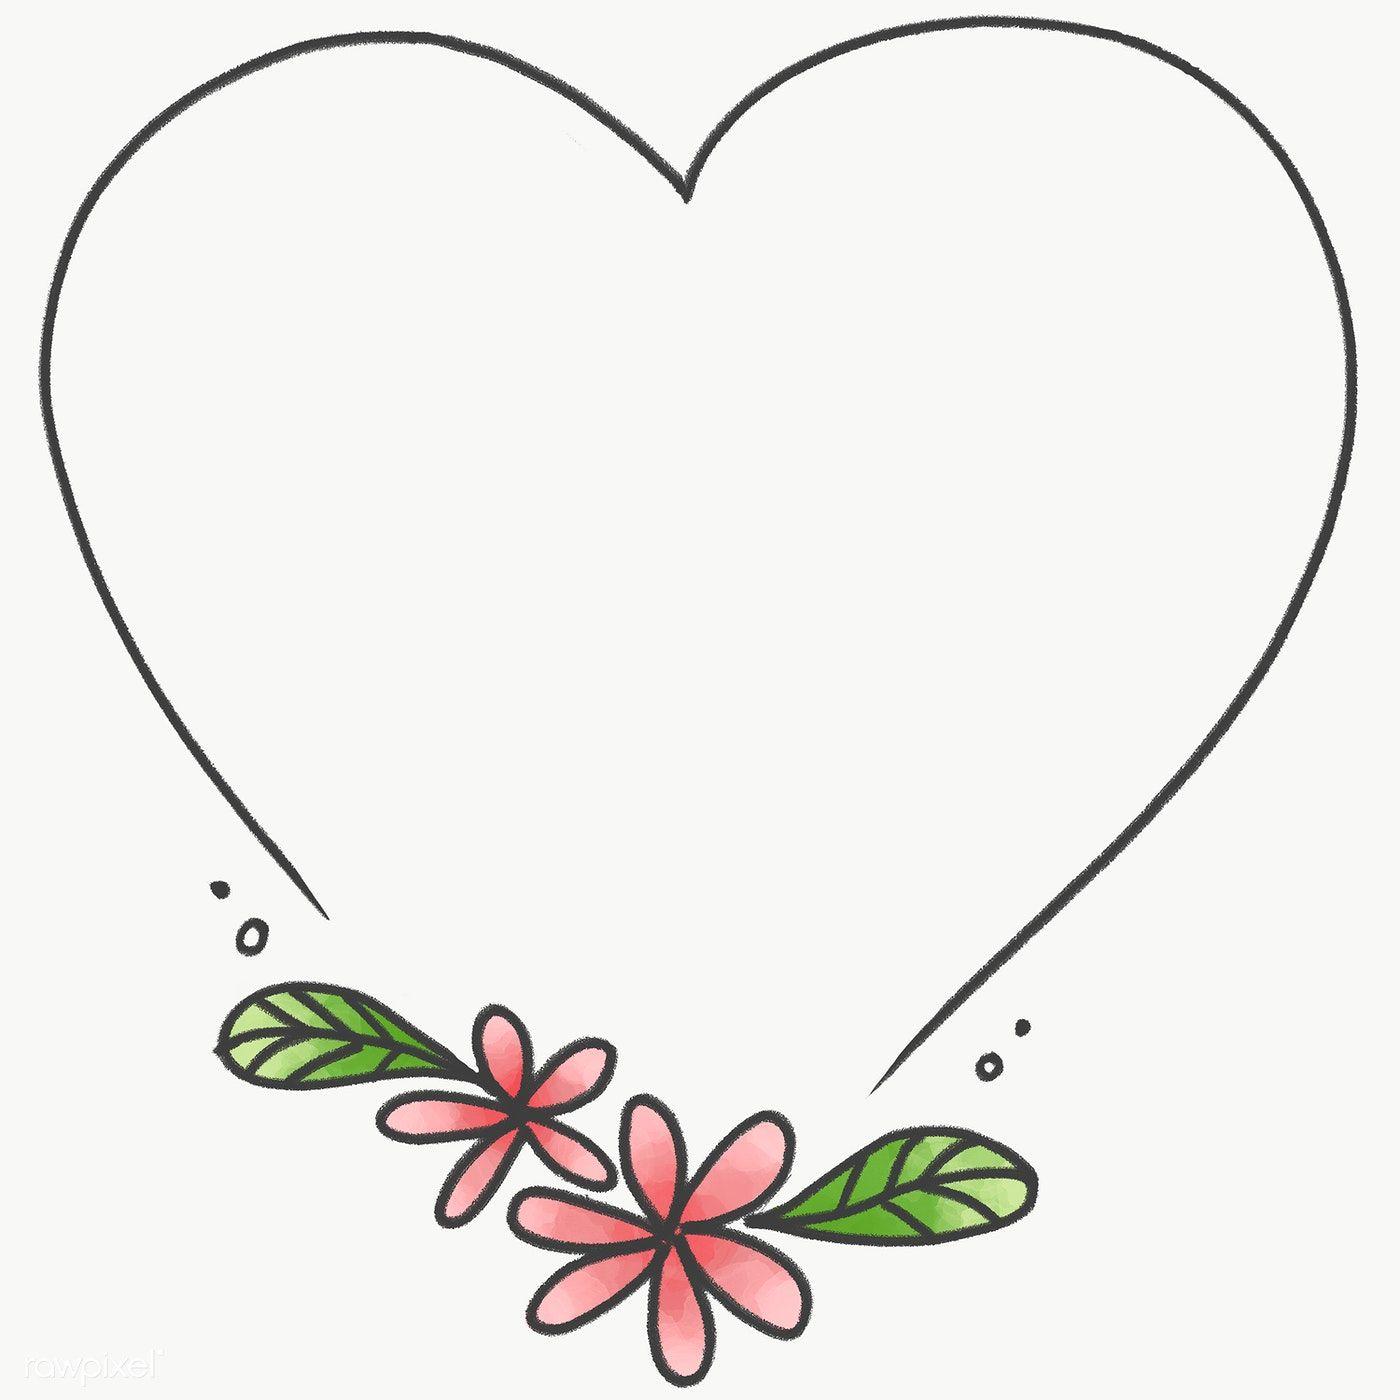 Doodle Heart Floral Frame Transparent Png Premium Image By Rawpixel Com Nunny Flower Pattern Drawing Floral Border Design Doodle Frames